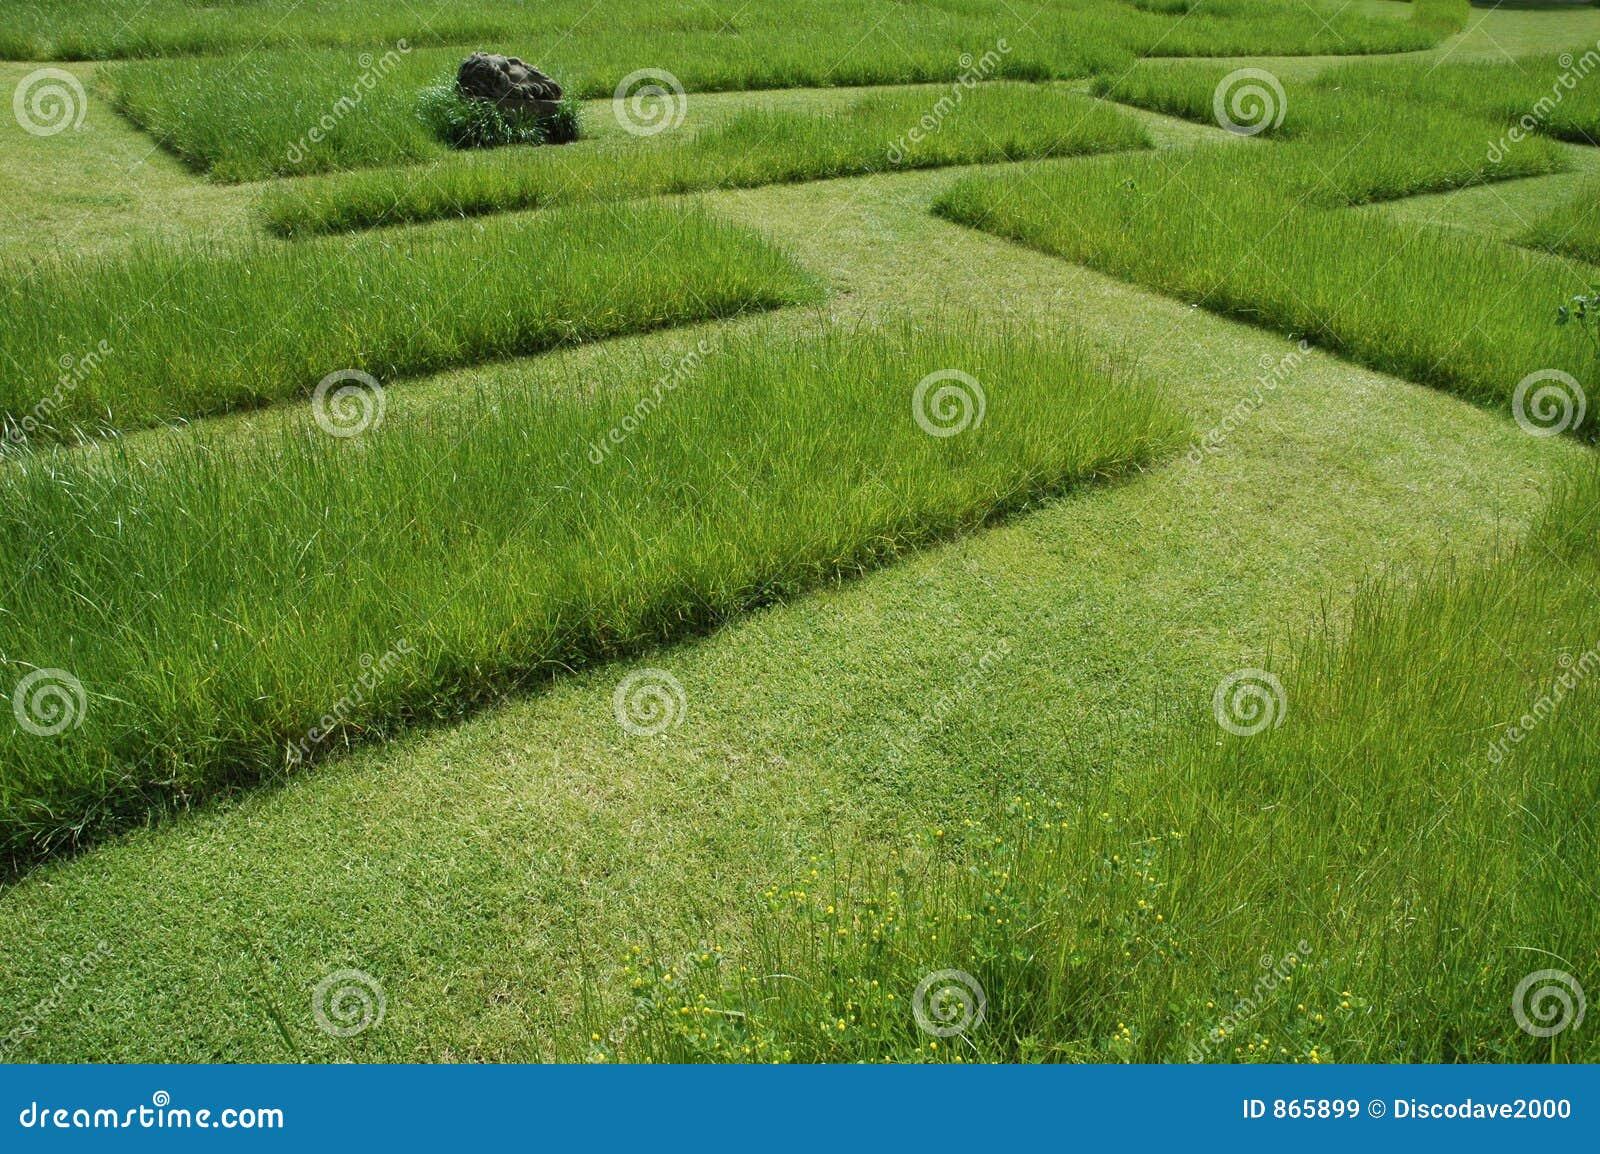 Grass maze 2